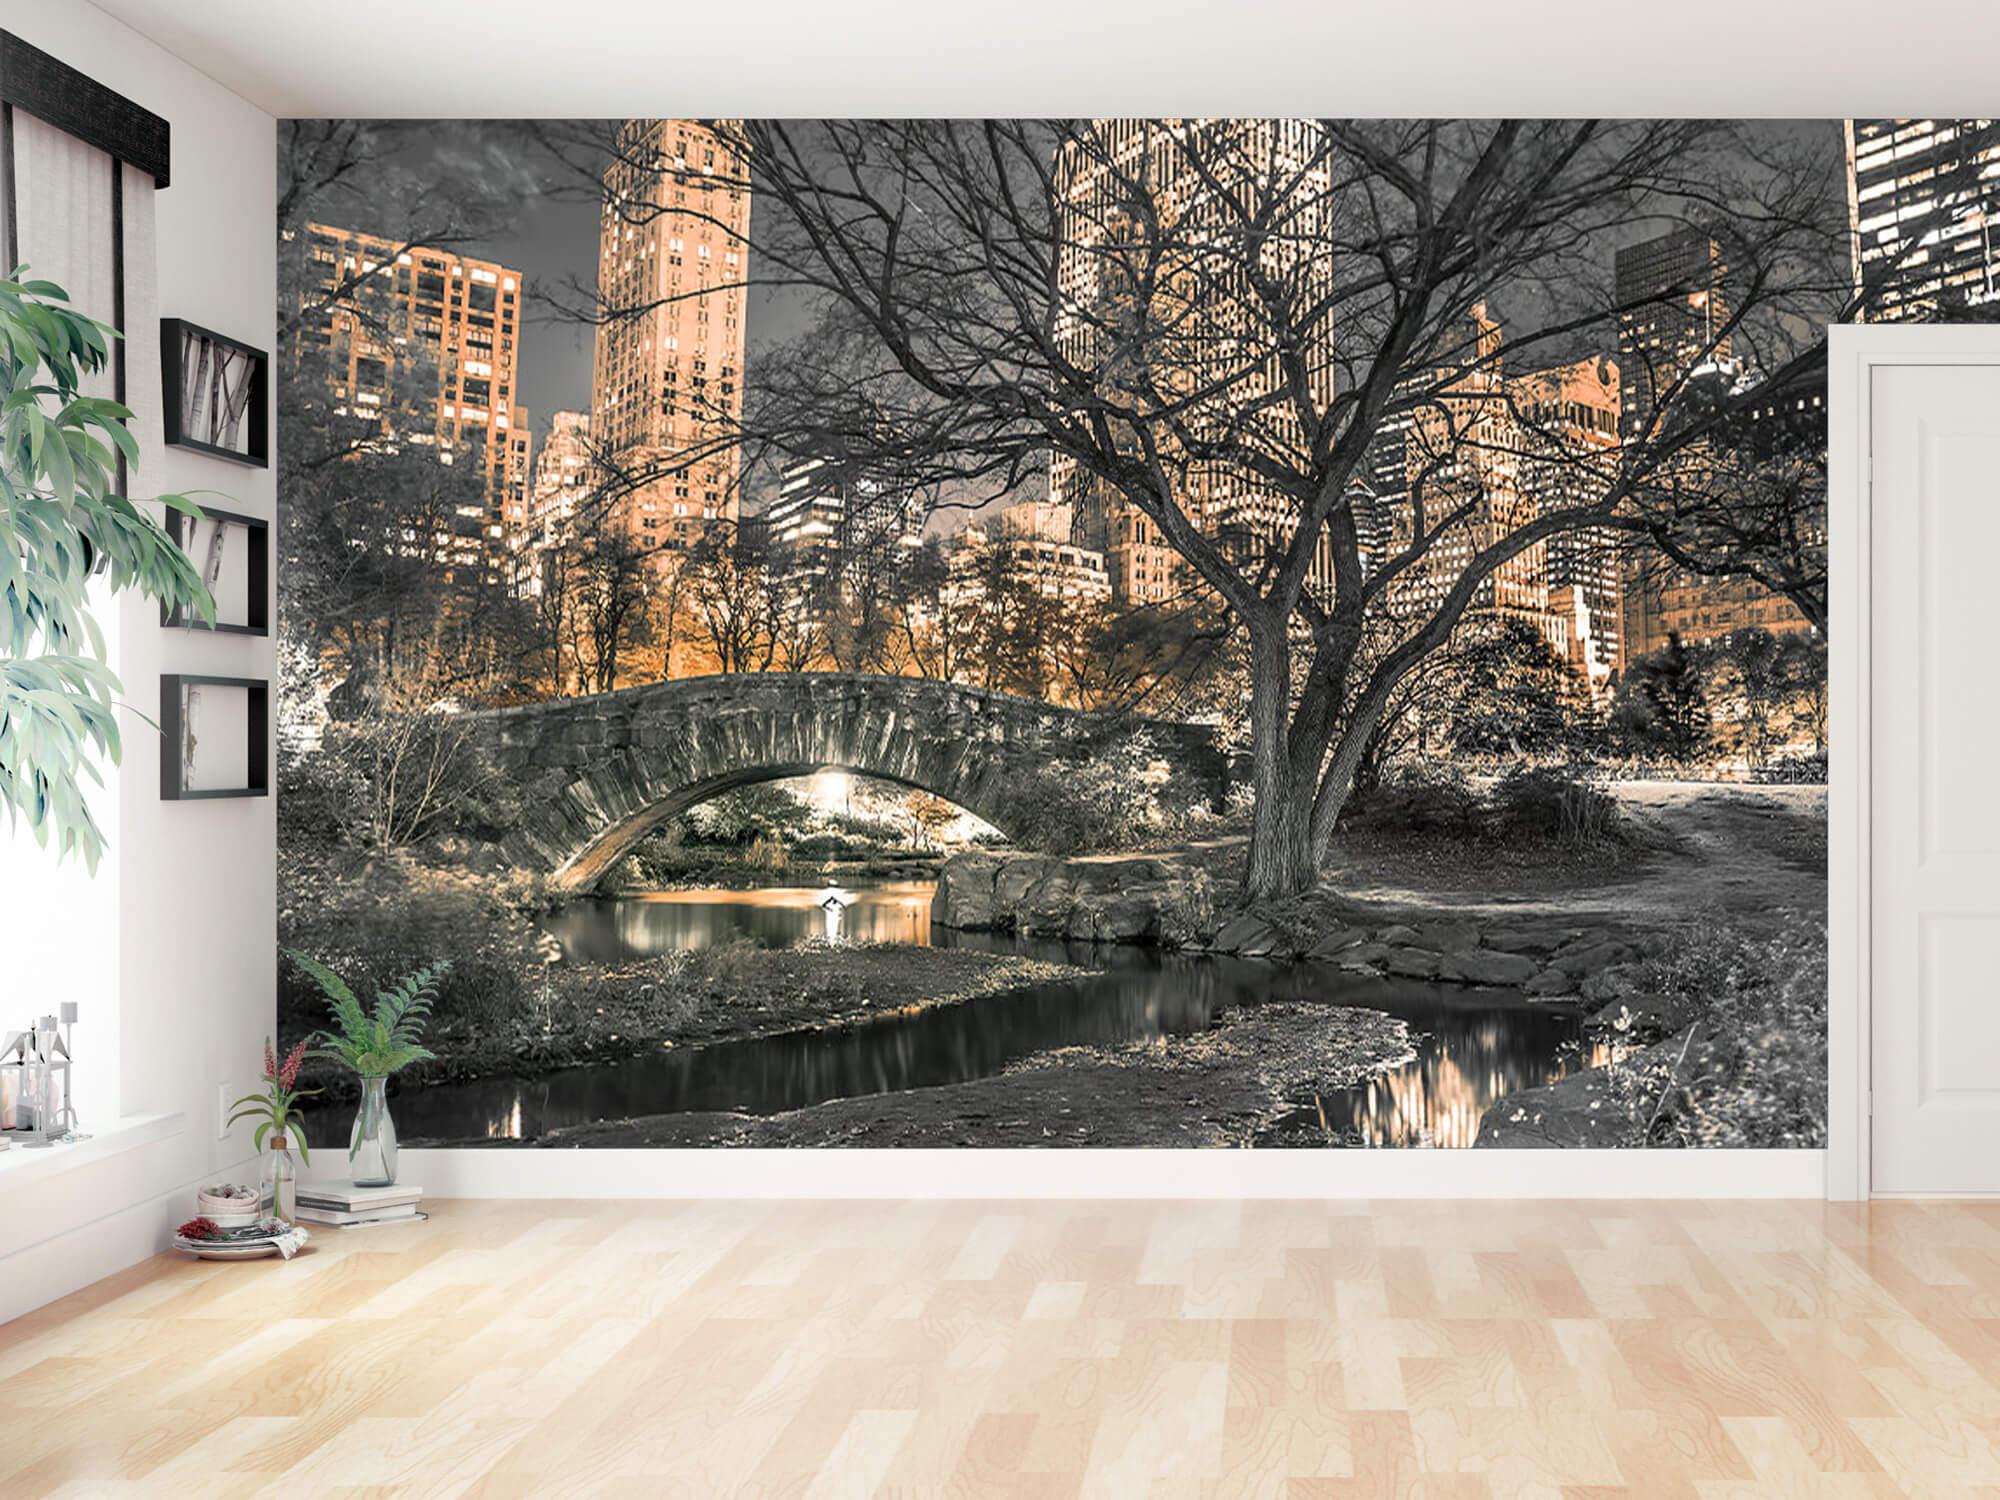 Central park le soir 6